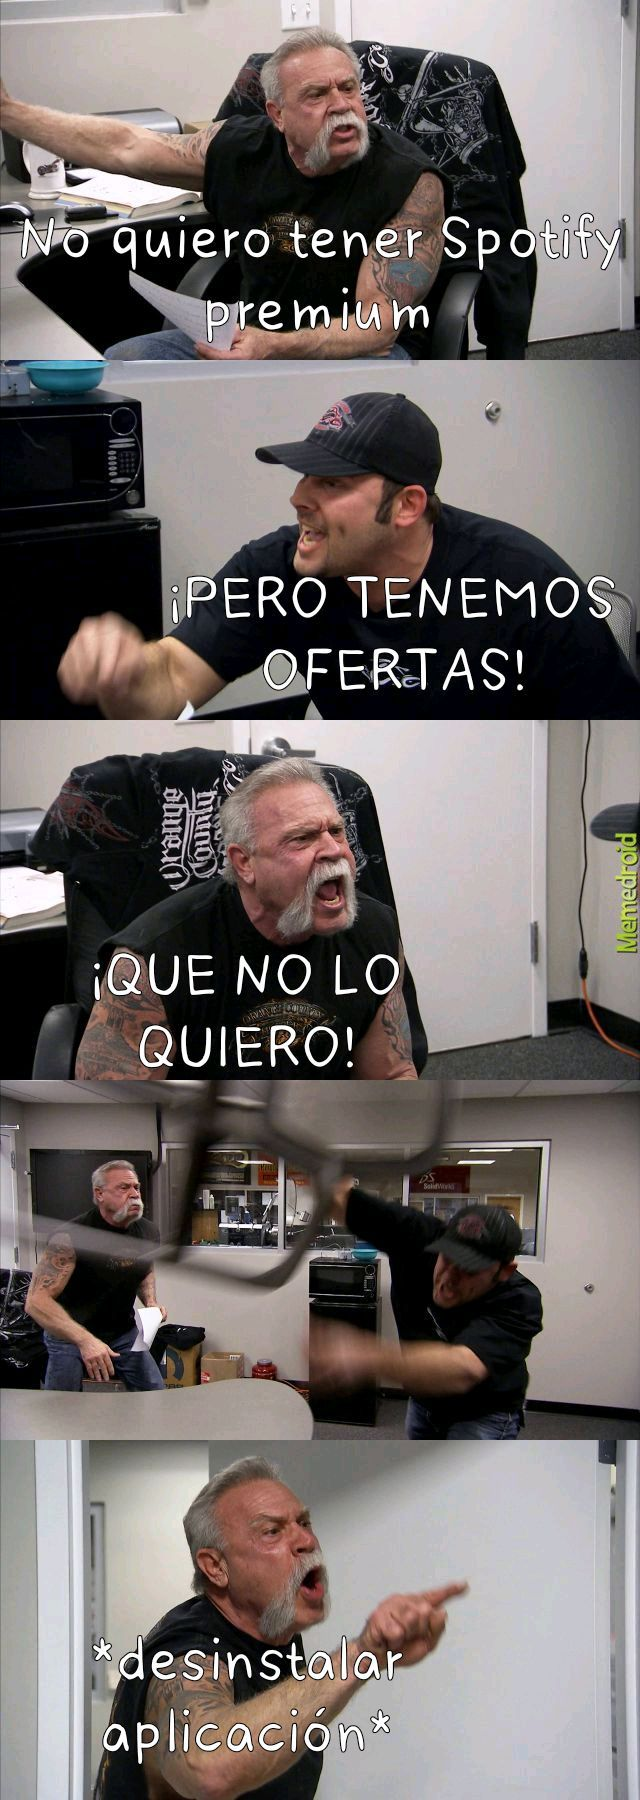 Premium problem - meme